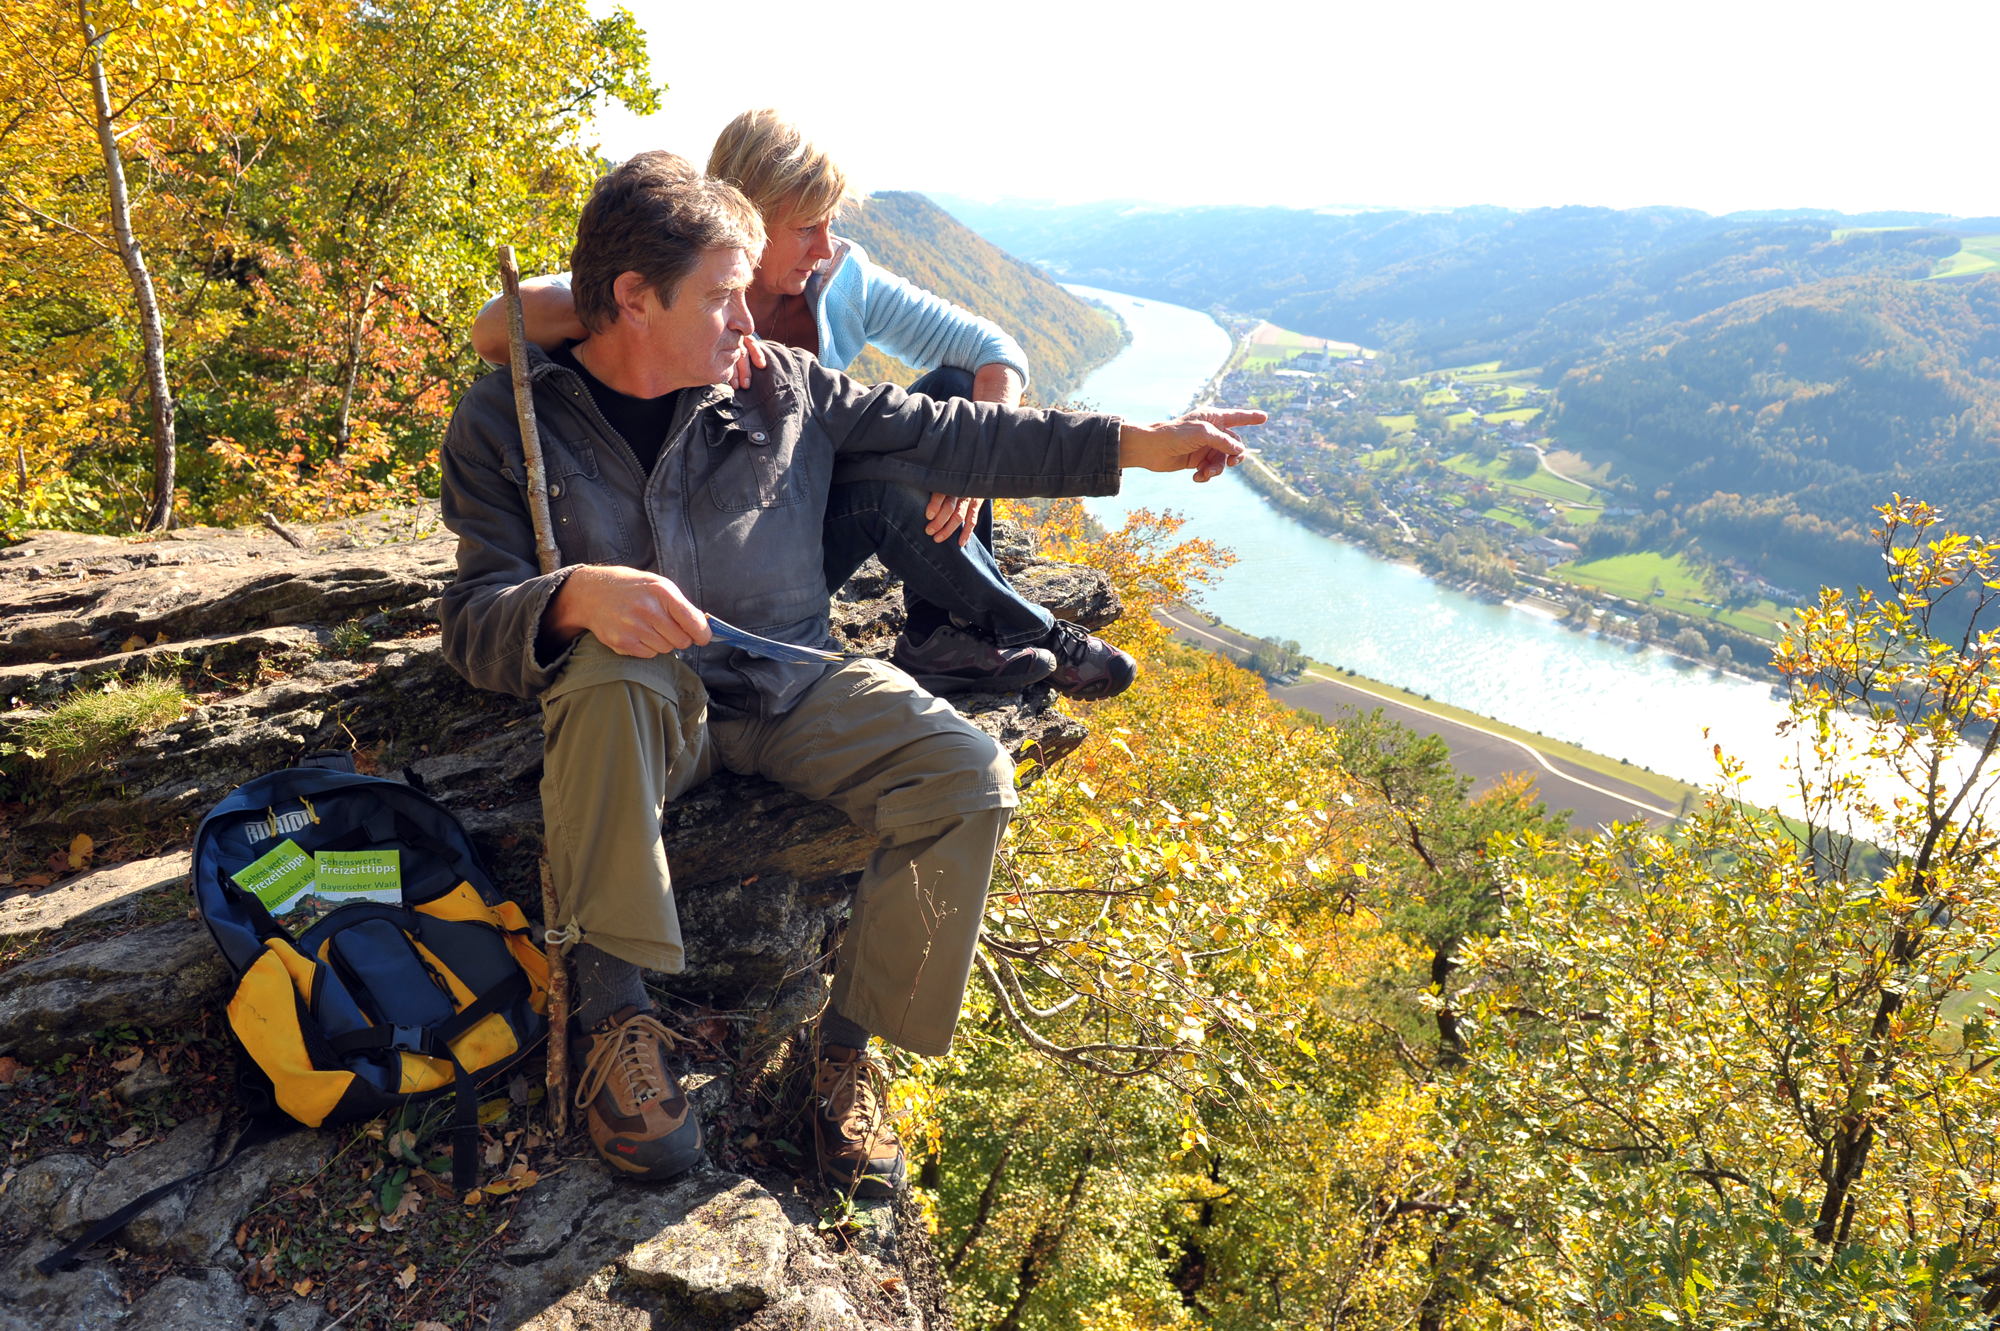 Wandern entlang des Donausteigs am Elbsteinfelsen © Geisler 2012